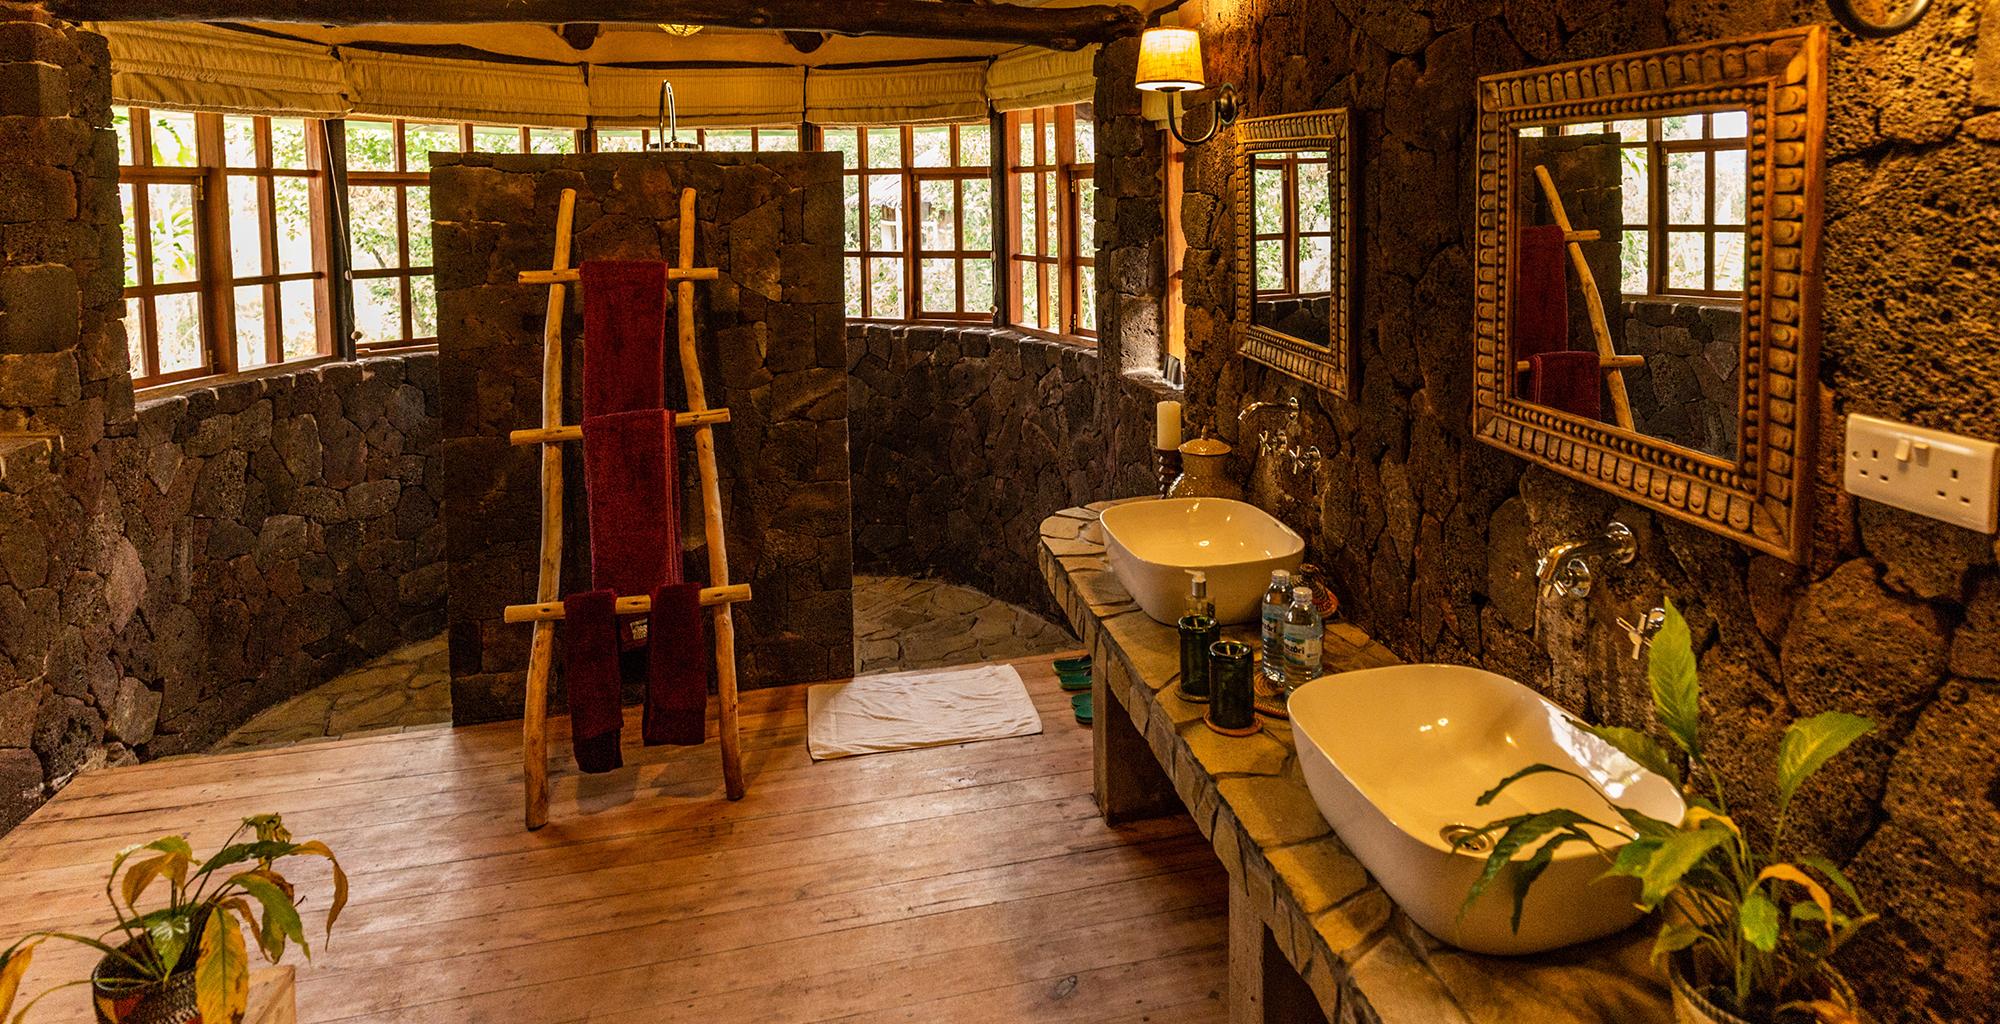 Uganda-Mount-Gahinga-Bathroom